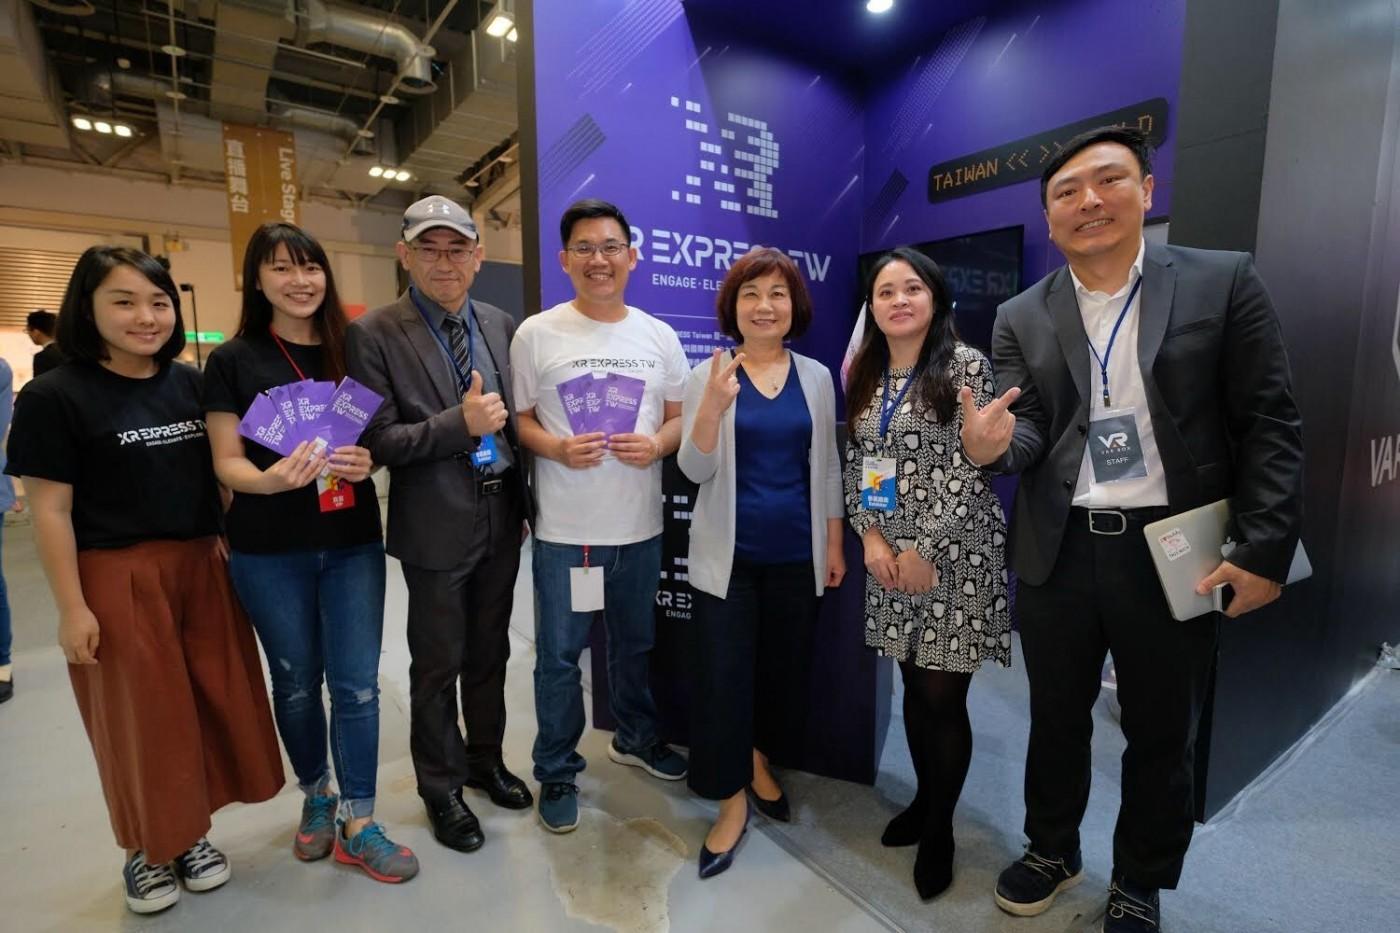 《2019年未來商務展》「XR EXPRESS TW」展區  台灣XR軟、硬體與內容開發實力 精彩展現